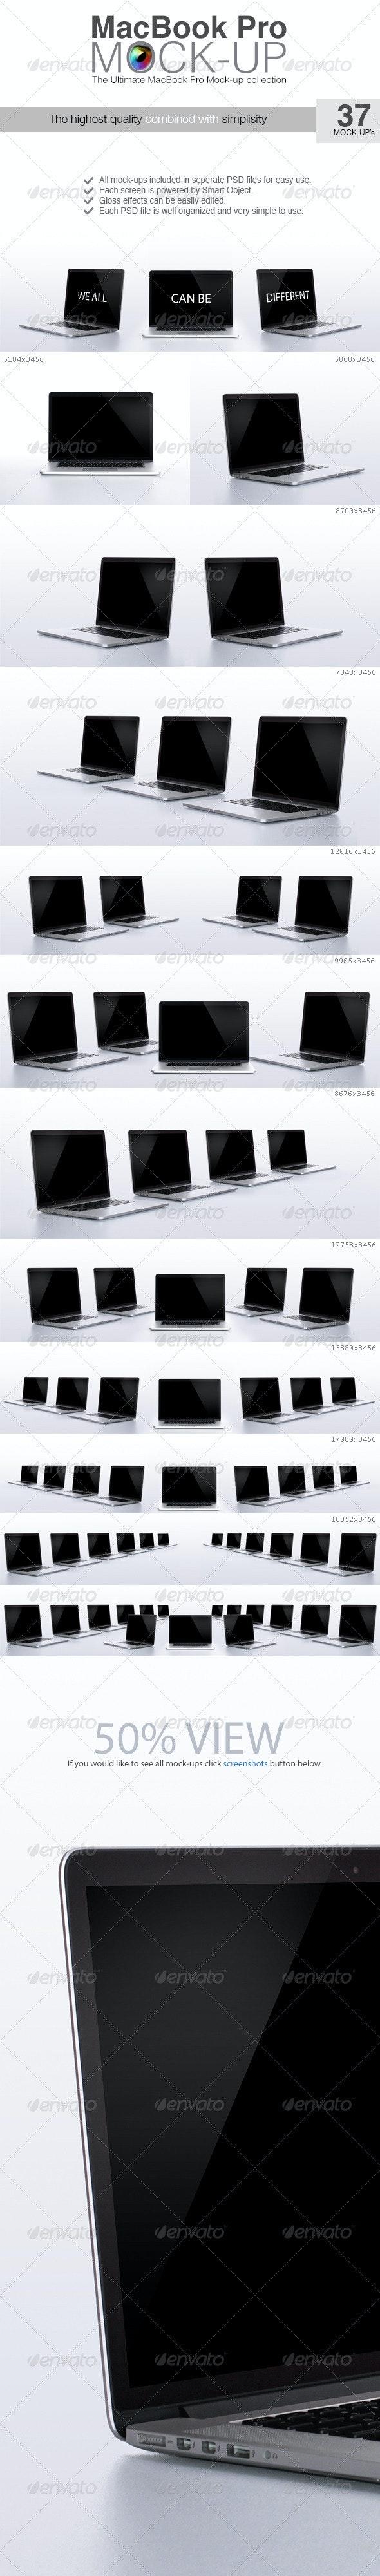 Macbook Pro Mock-up - Laptop Displays